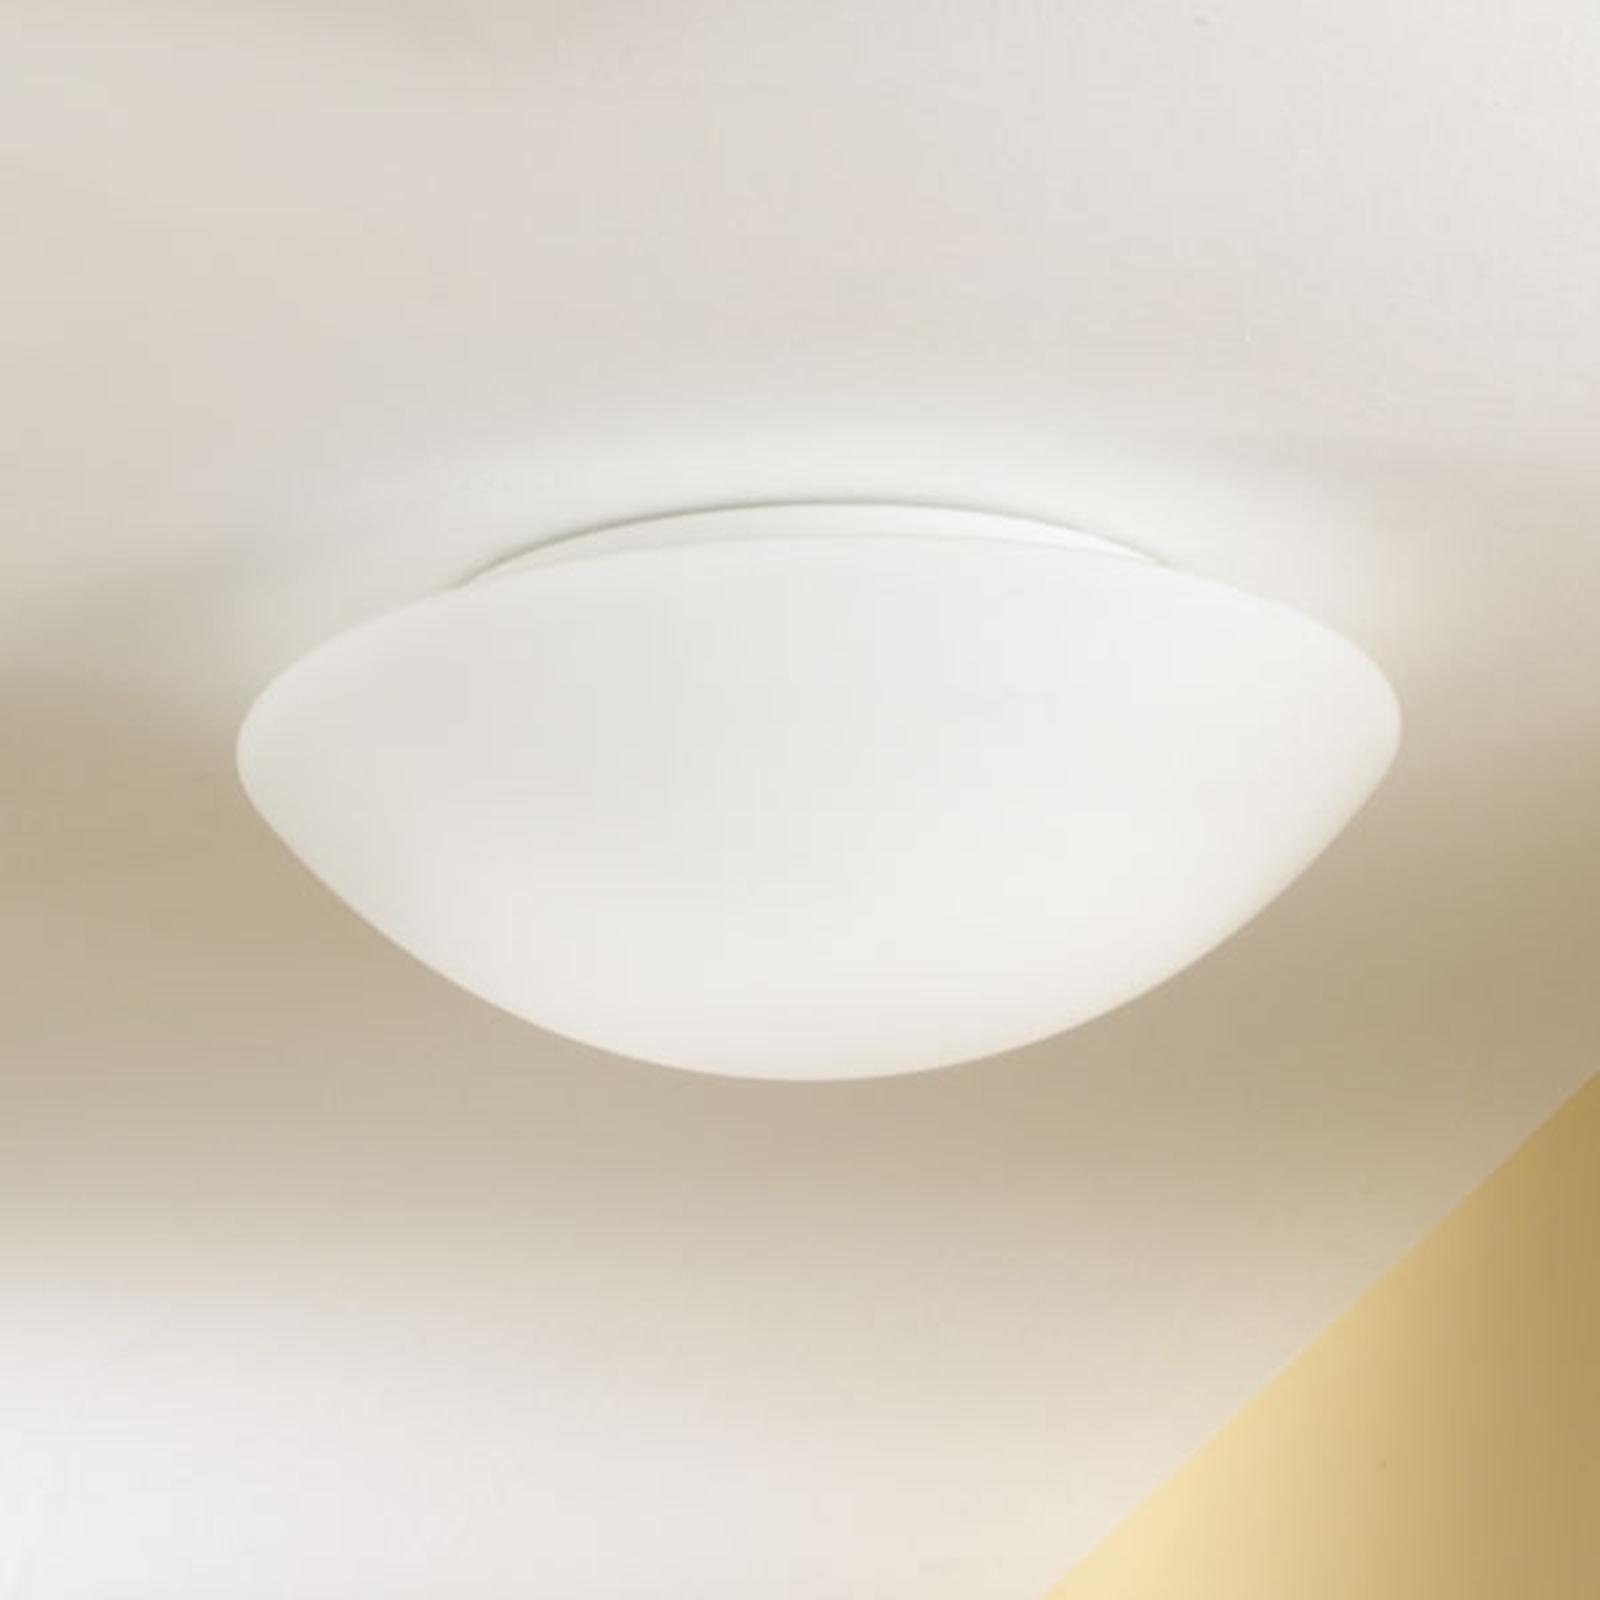 Stropní a nástěnné světlo PANDORA, 20 cm